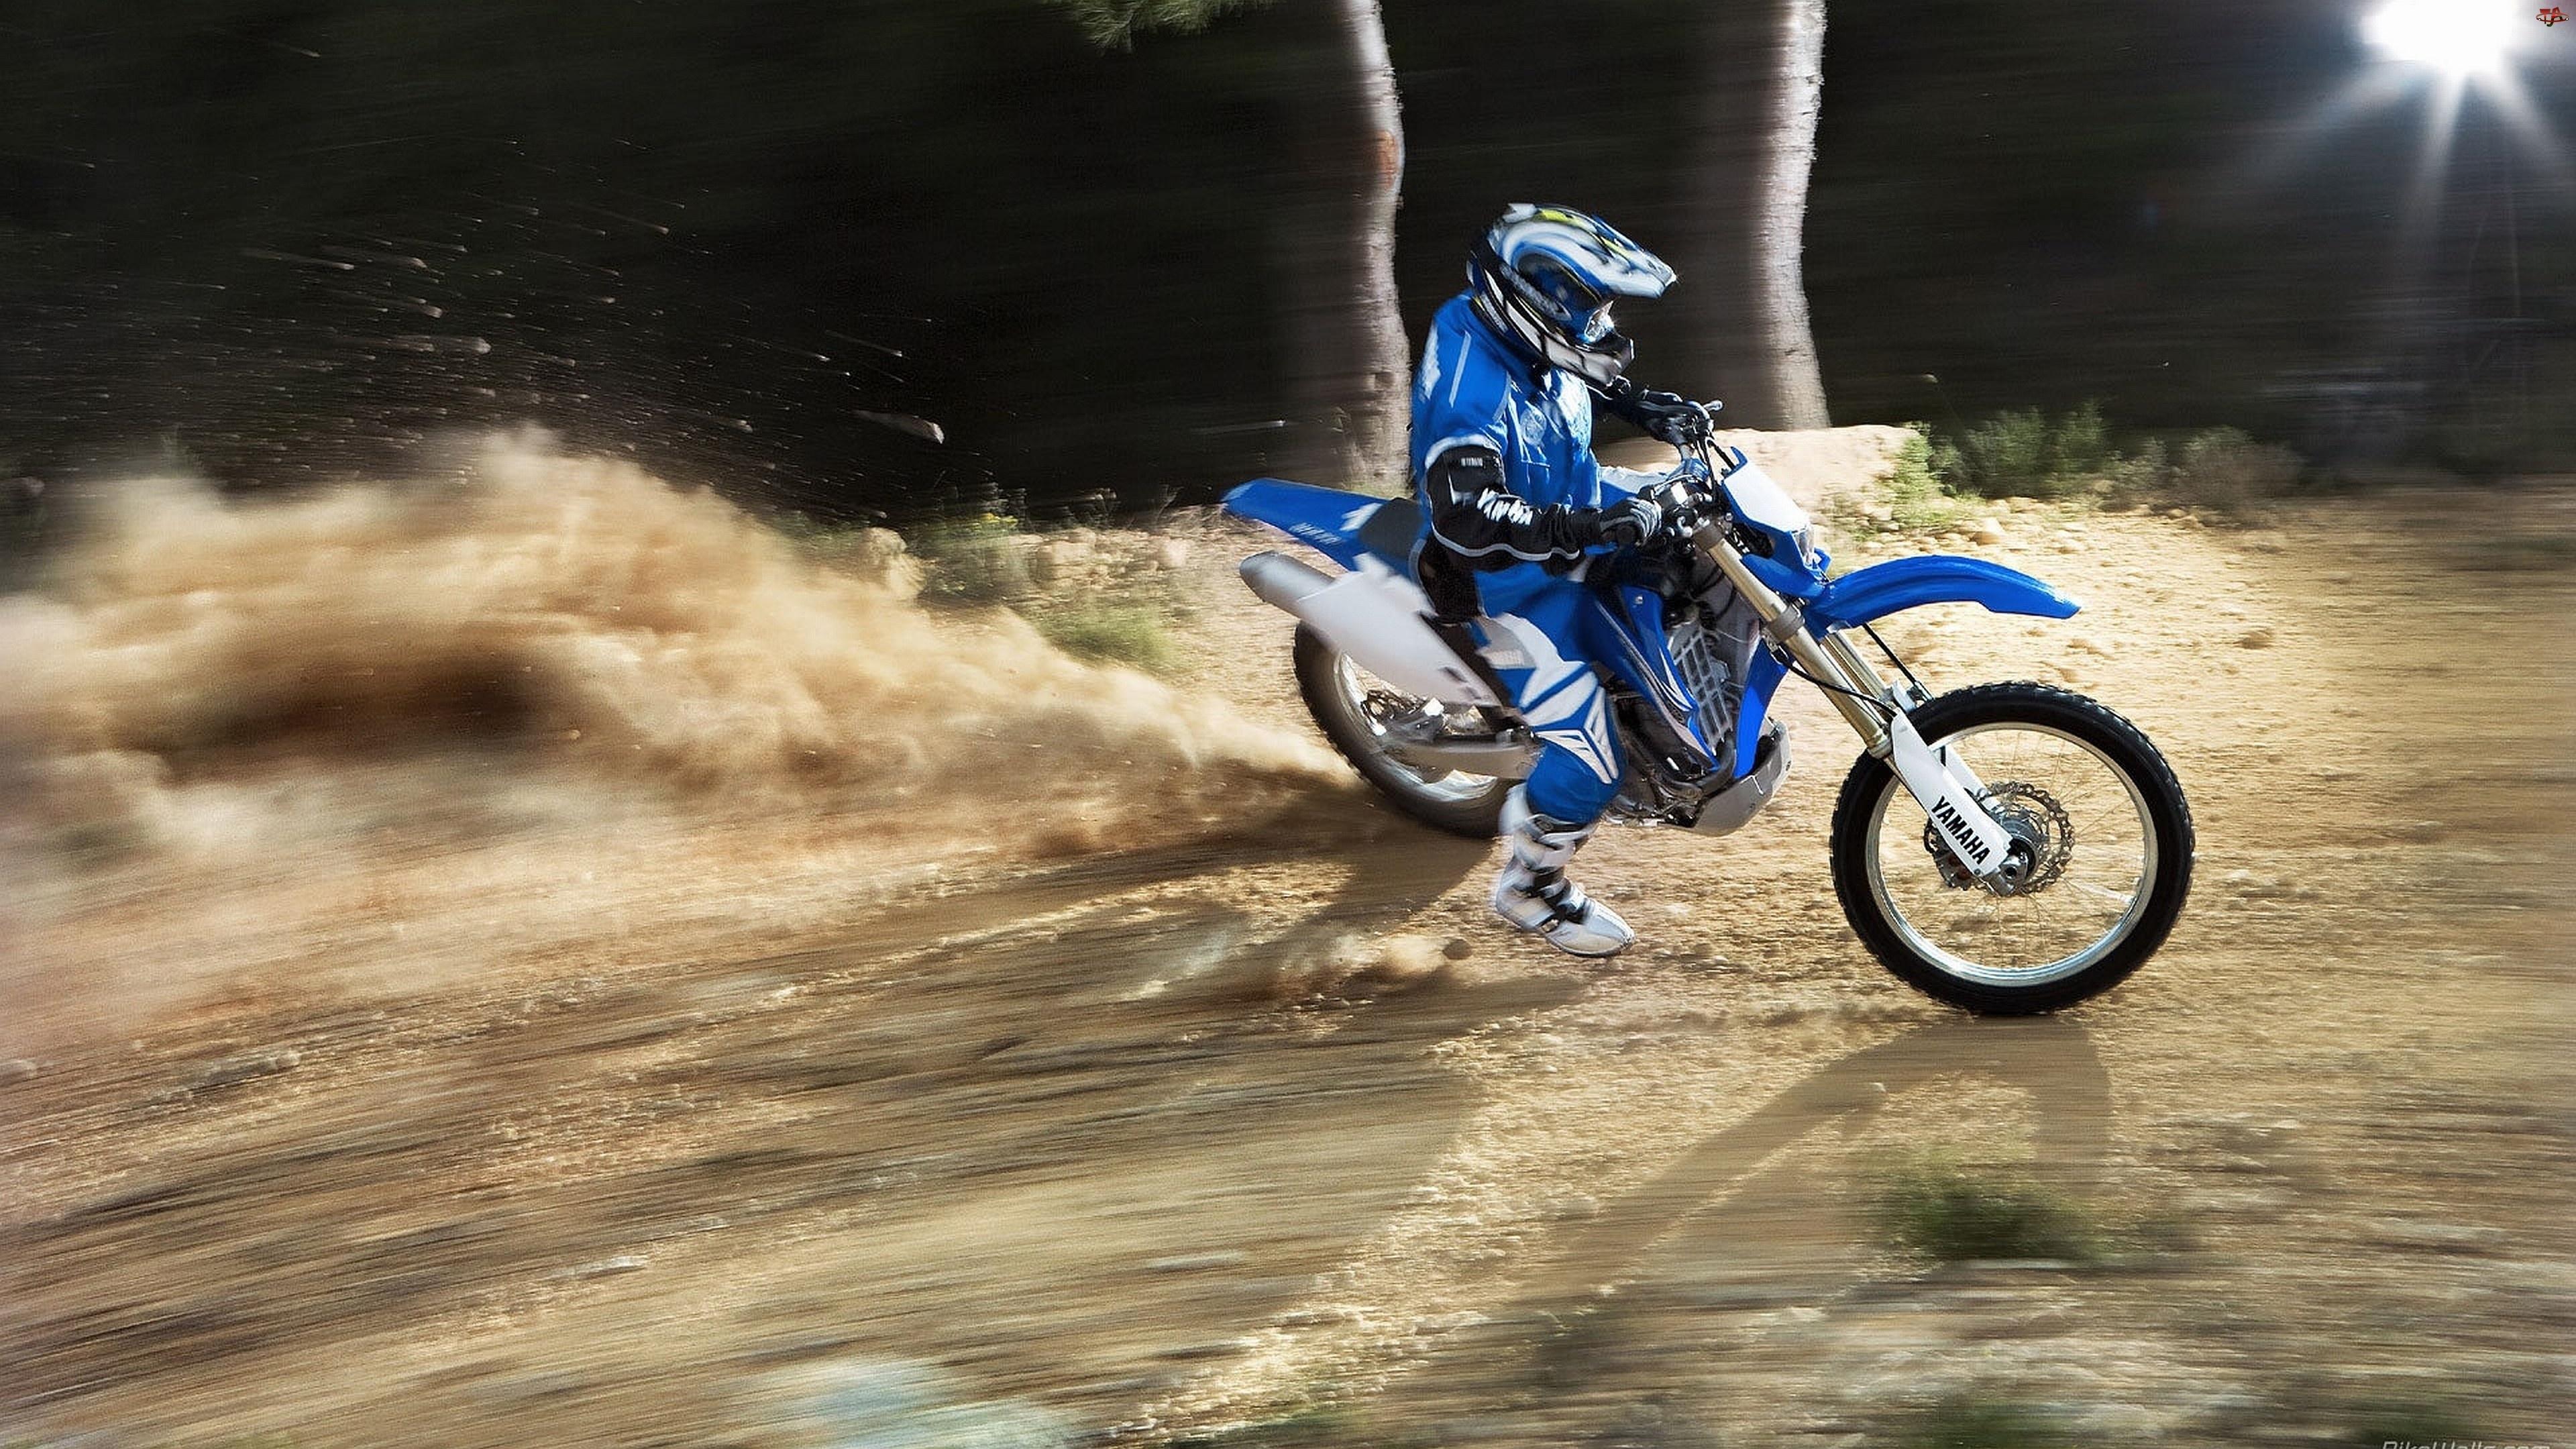 Motocross, Zawodnik